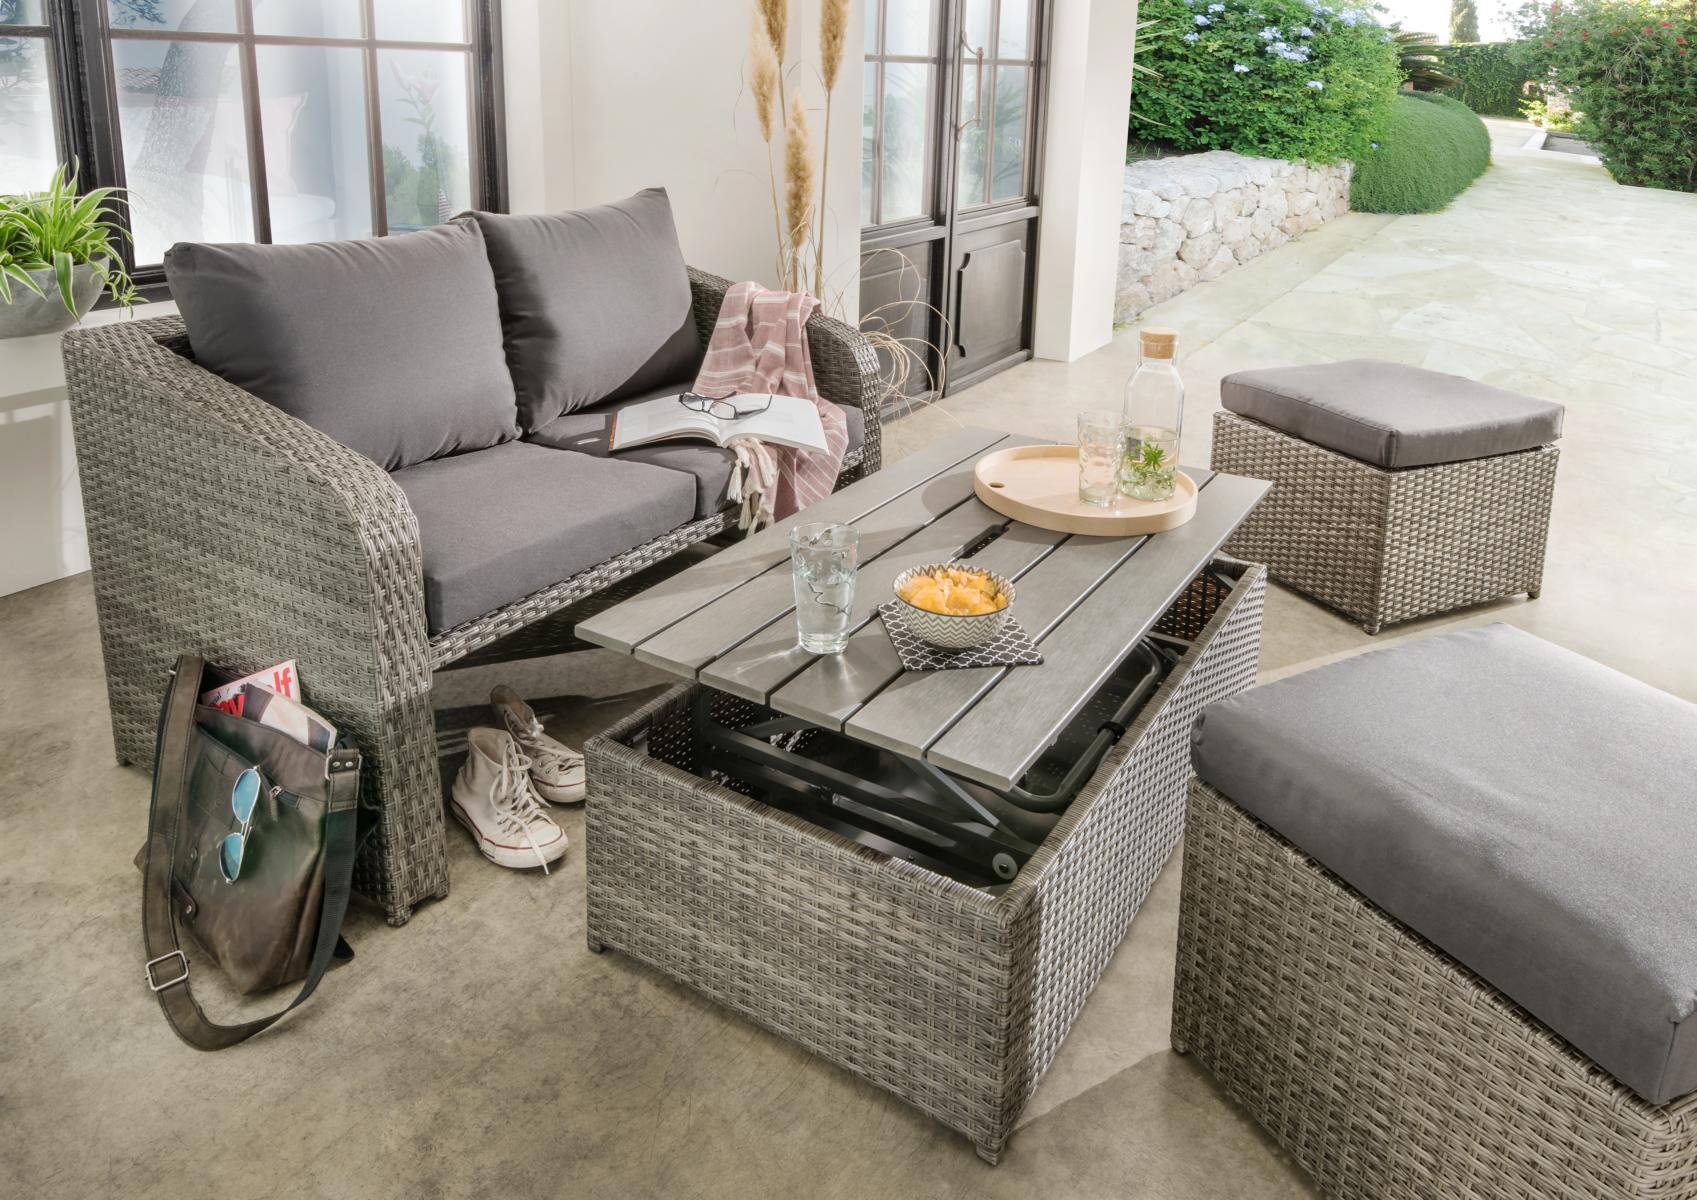 Kleine Loungegruppen Für Den Balkon Haus Garten Onlineshop